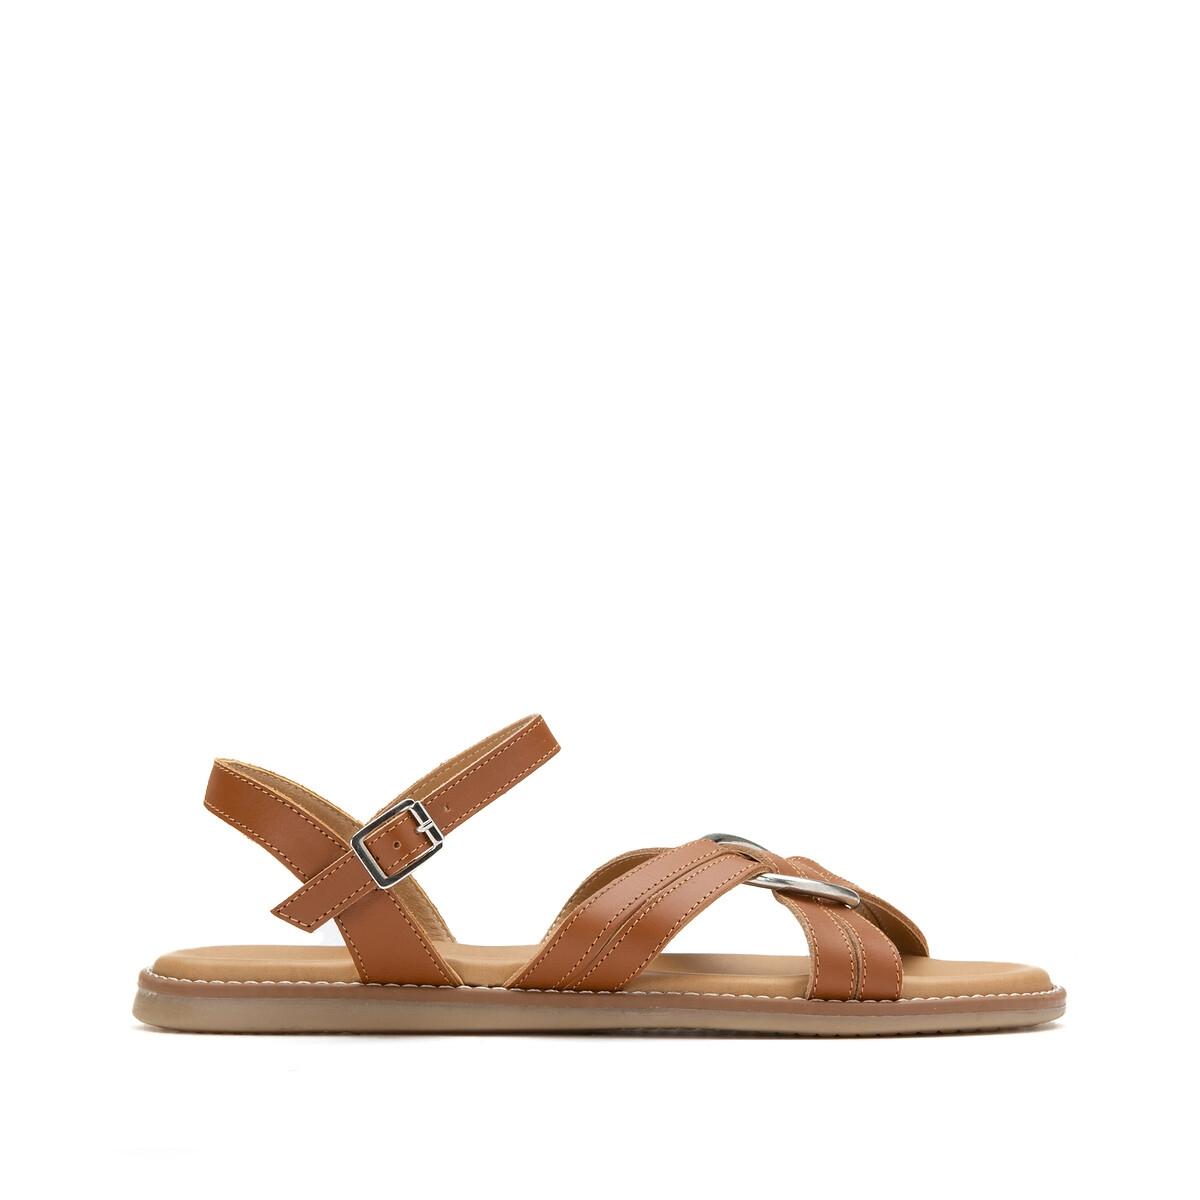 Sandalias de piel Leky CC